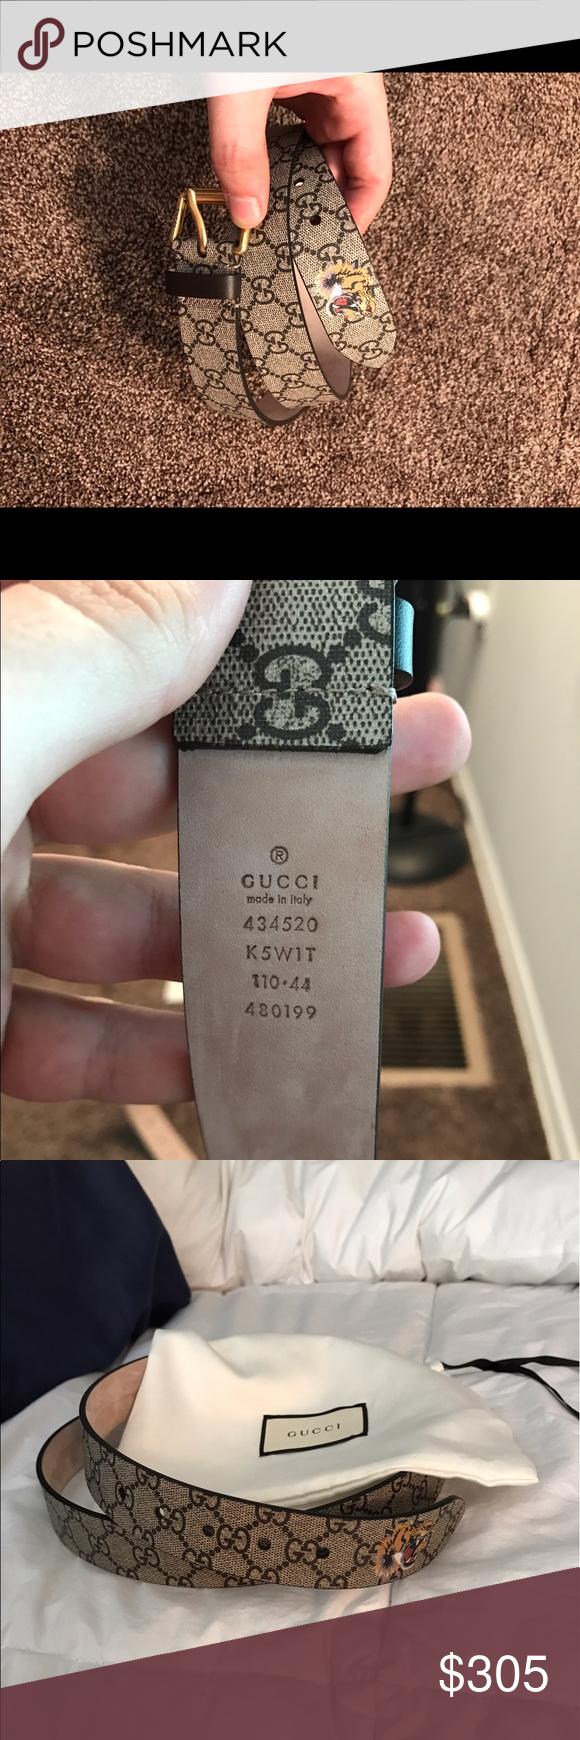 eecc4f27a3c Gucci Belt Gucci Bengal Belt worn once